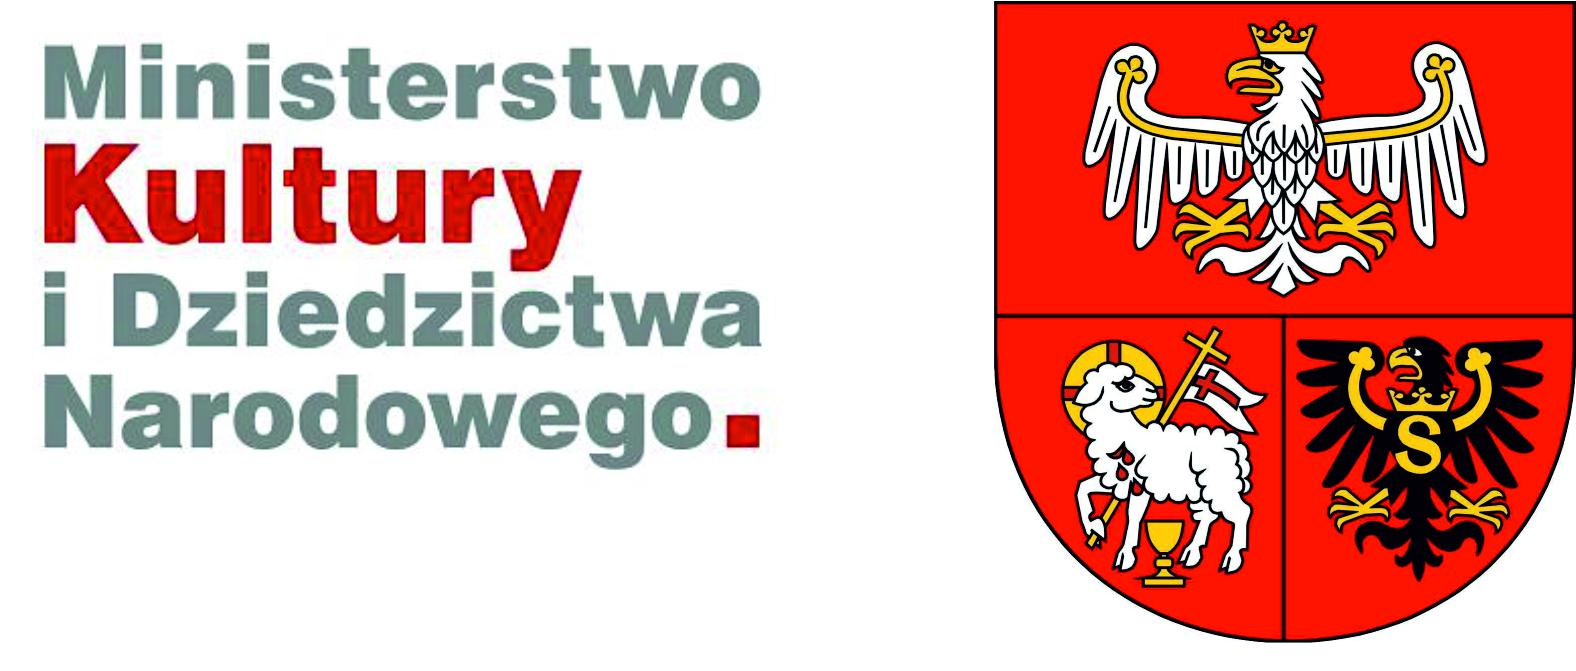 https://m.wmwm.pl/2015/05/orig/logo-skarbczyki-2015-4330.jpg